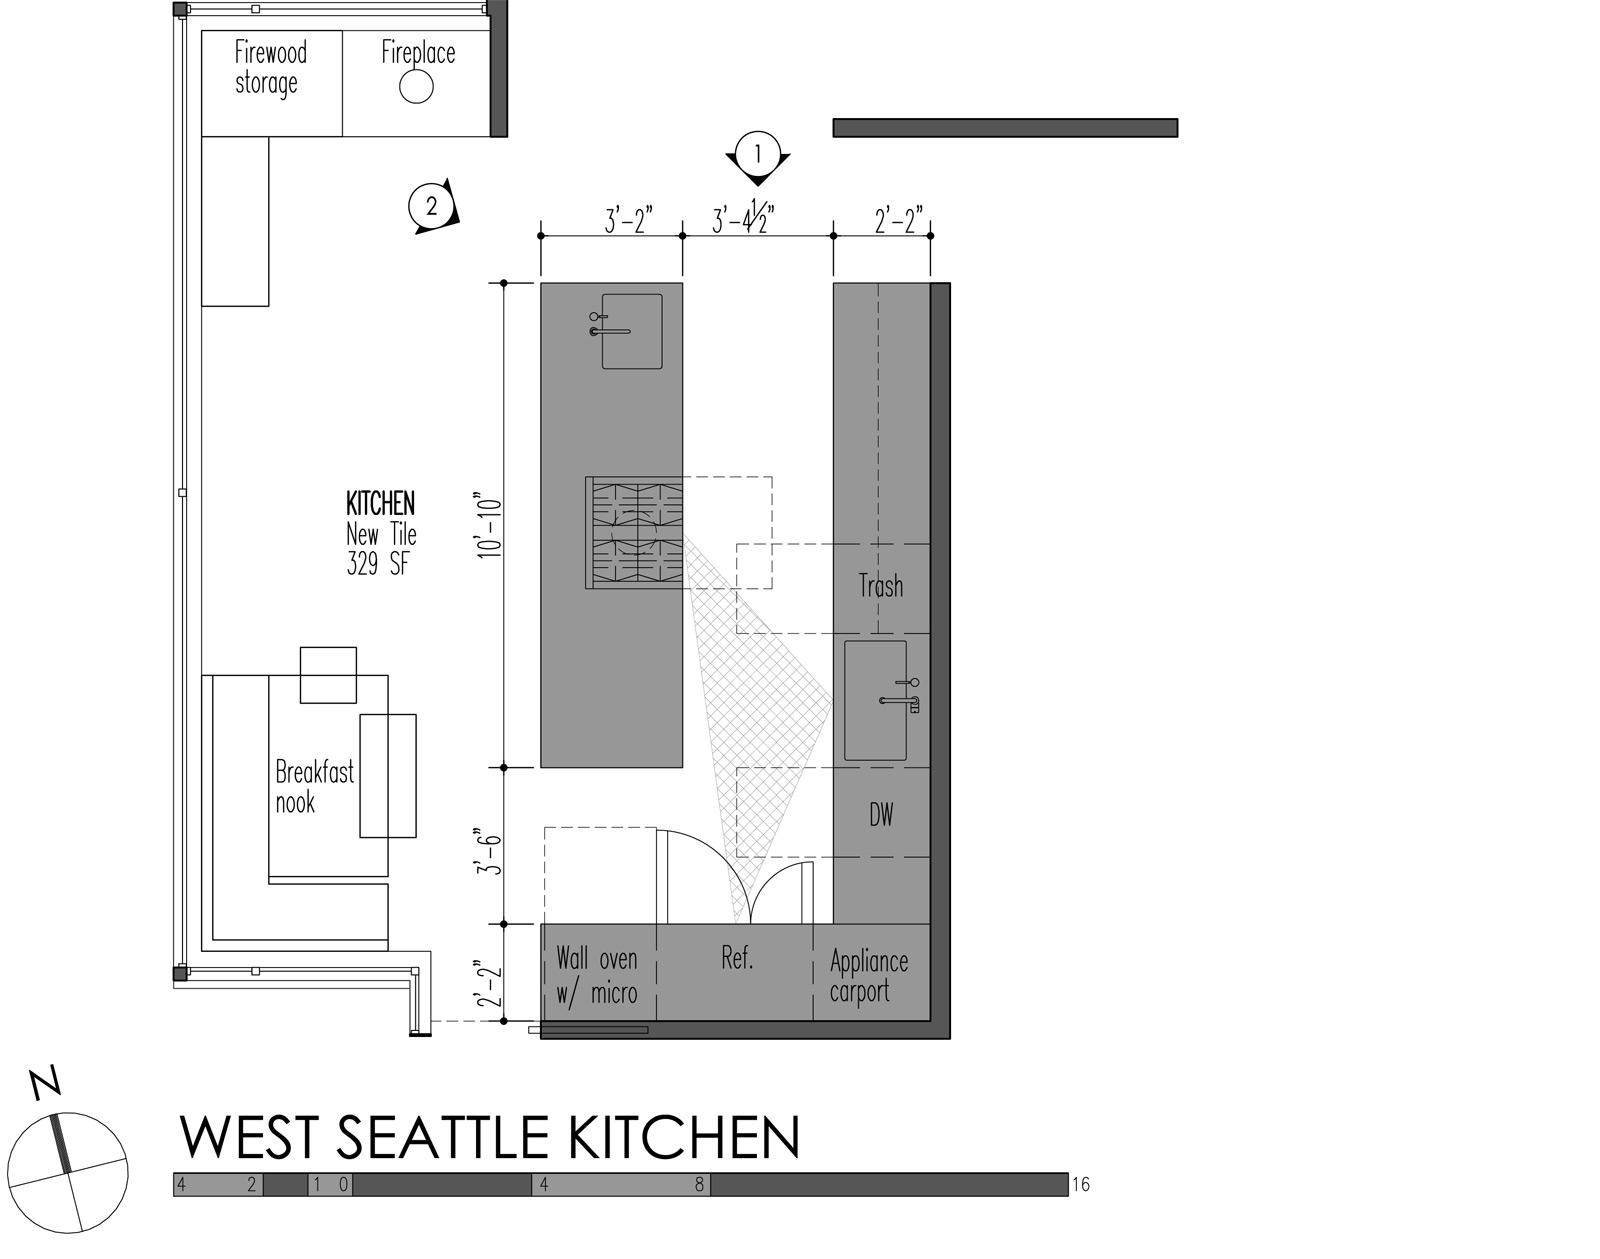 5 modern kitchen designs principles kitchen wall cabinet sizes West Seattle Kitchen plan